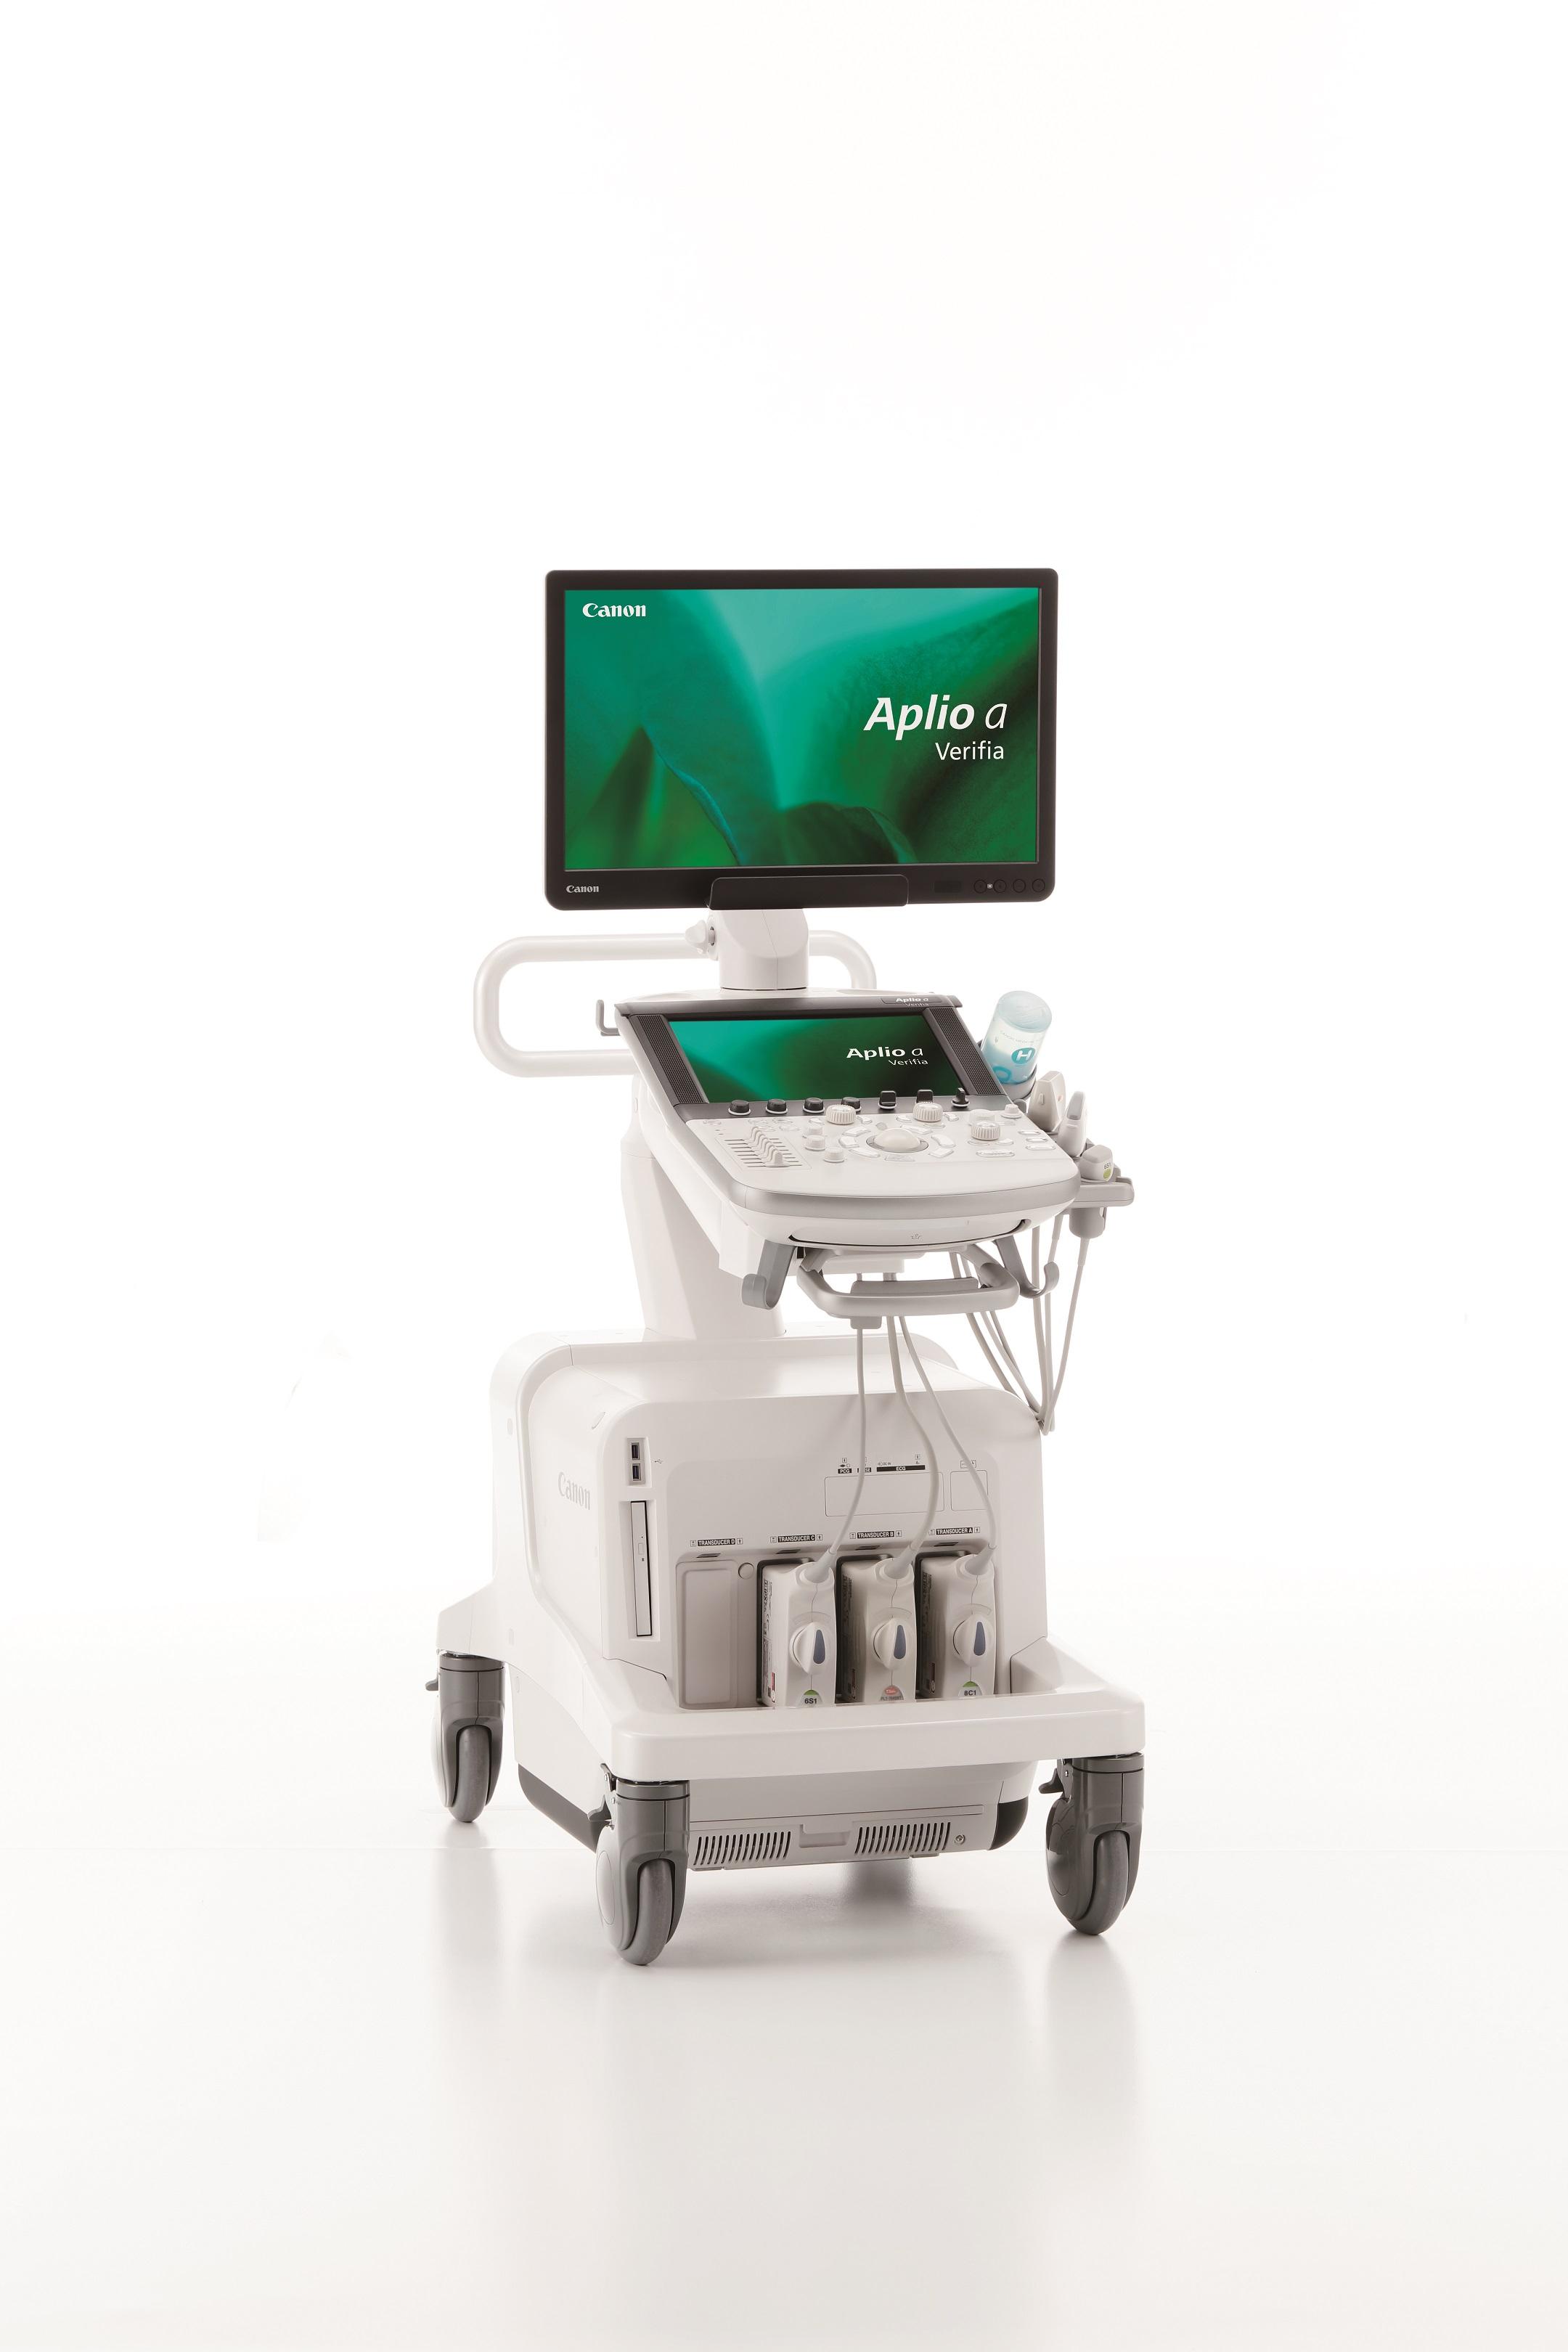 キヤノンメディカルシステムズ/無理のない姿勢で検査できる超音波診断装置「Aplio a/Verifia」の販売を開始